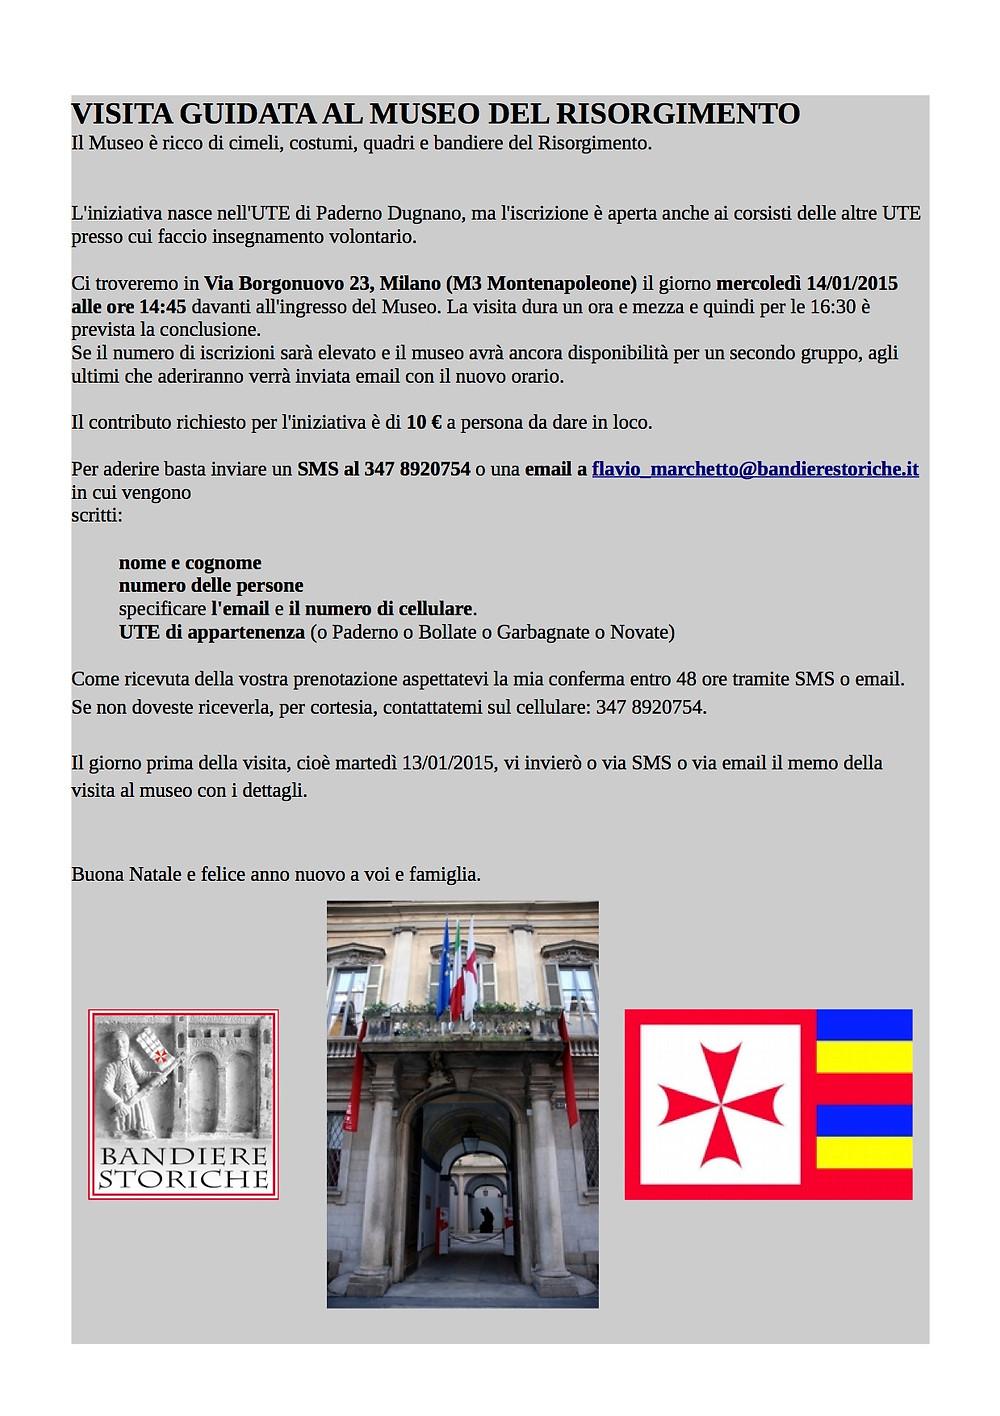 Museo del Risorgimento UTE 2015.jpg